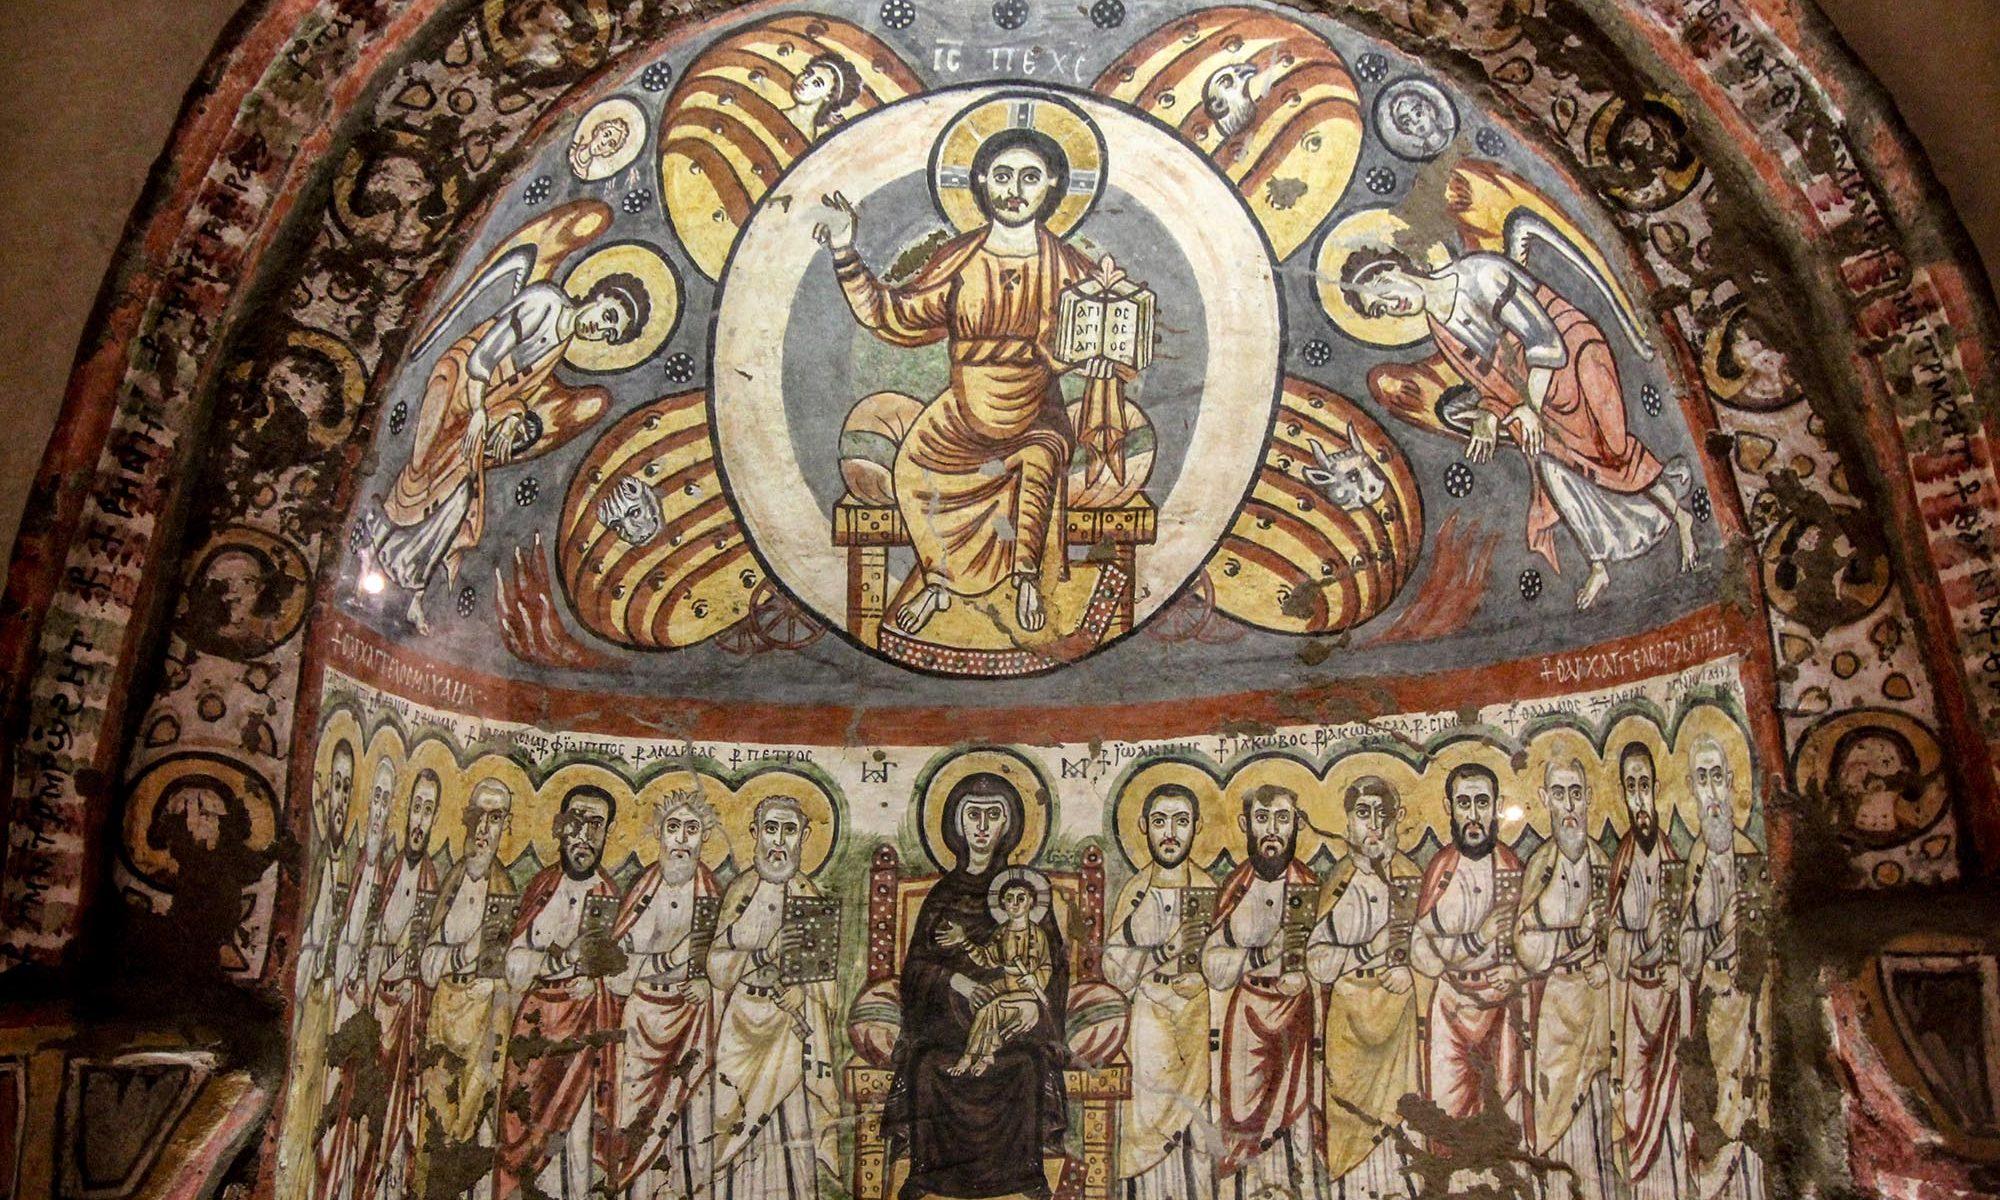 Ausstellungsstück im Koptischen Museum von Kairo